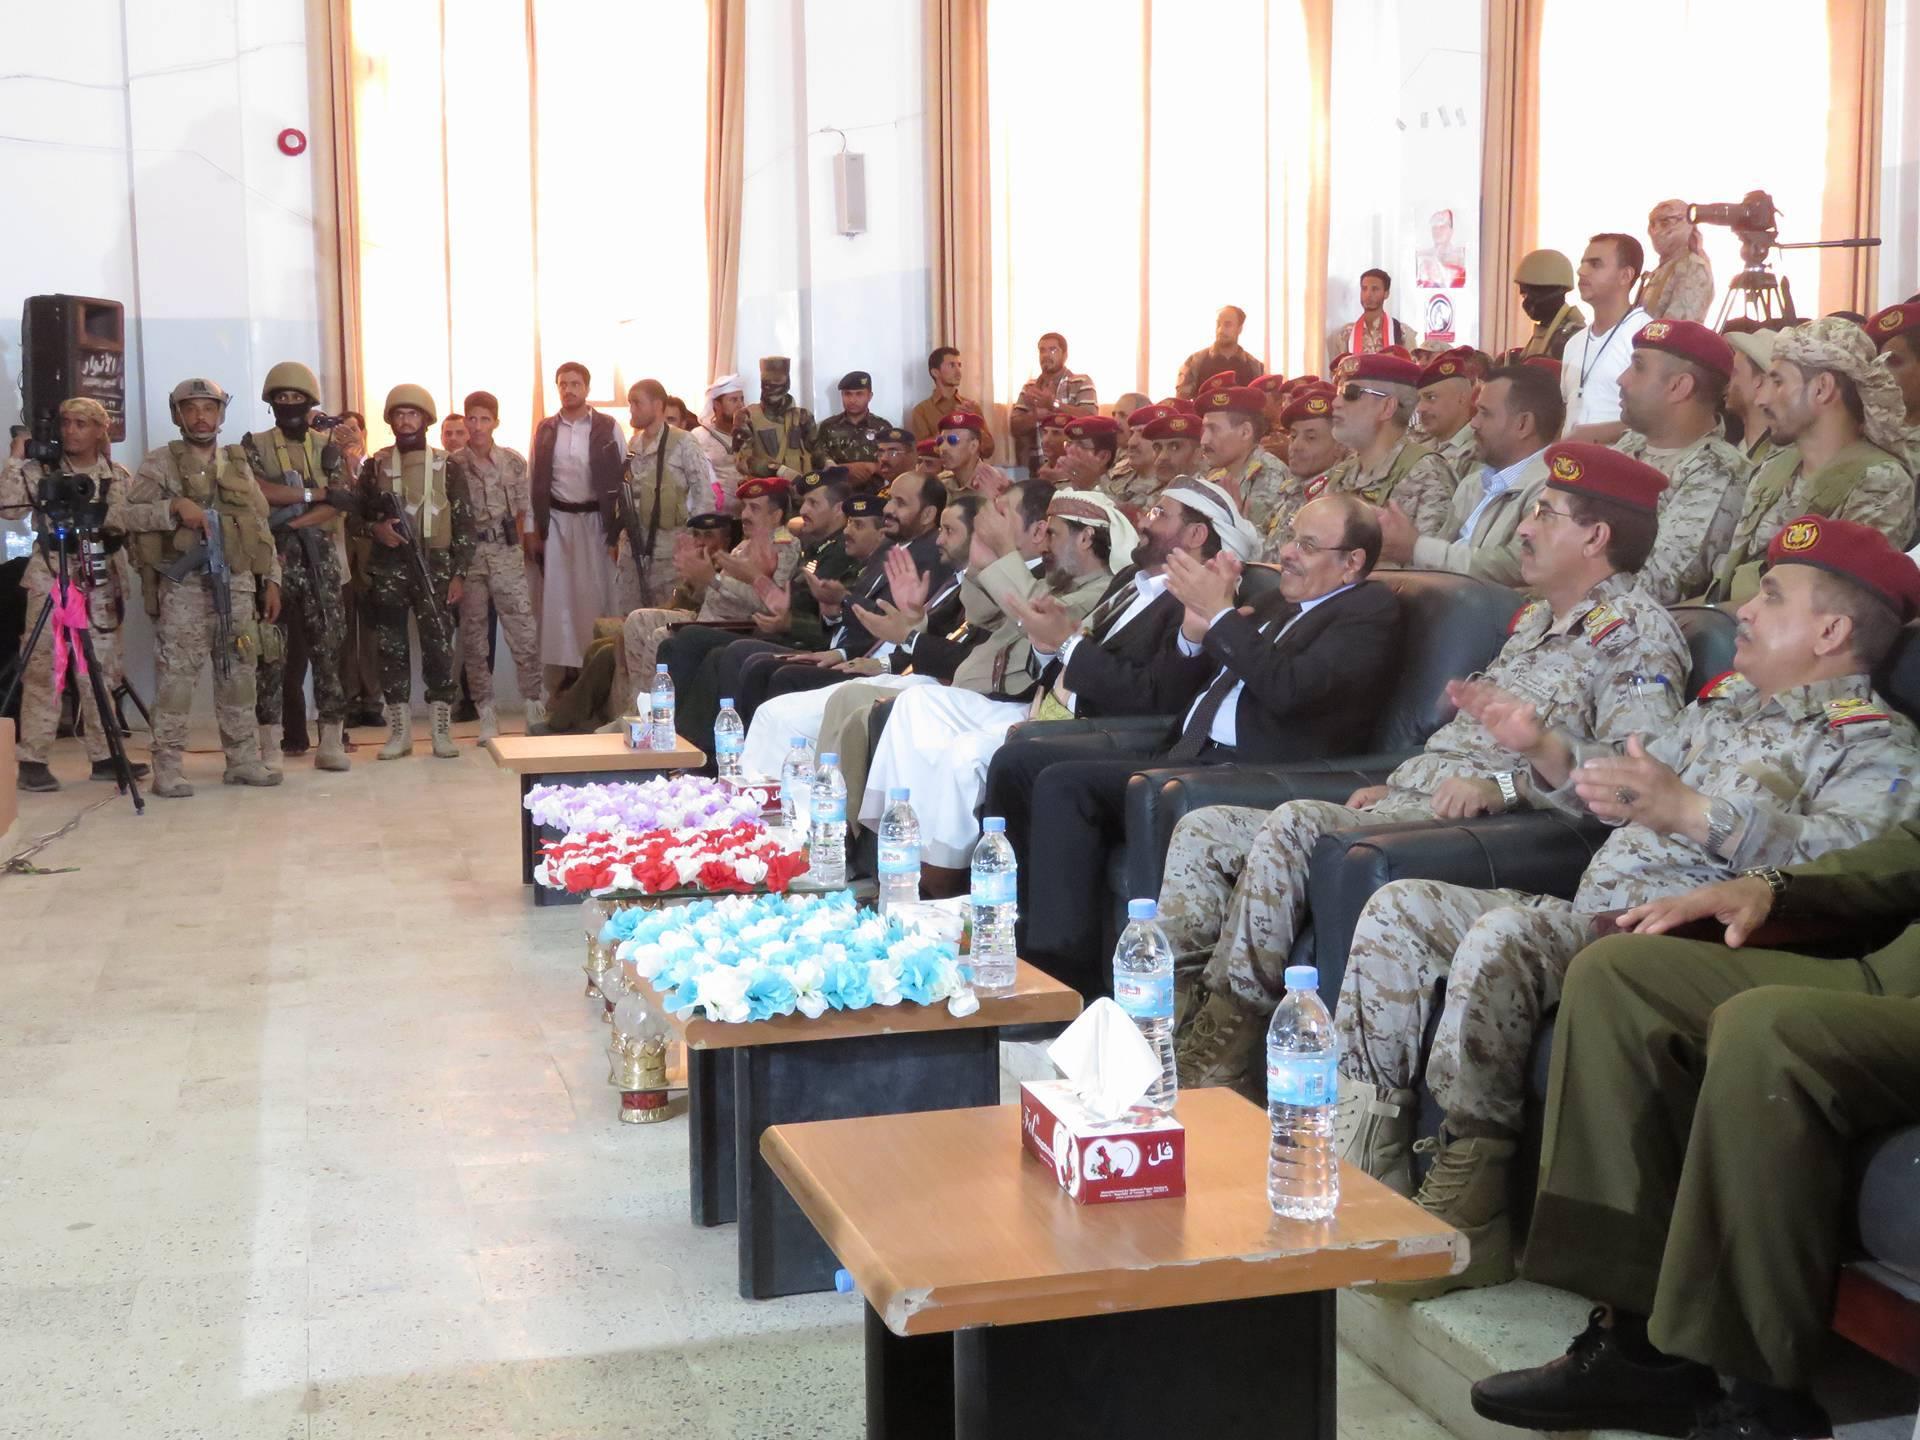 شاهد صورا لاحتفال محافظة بمأرب بذكرى ثورة اكتوبر الـ54